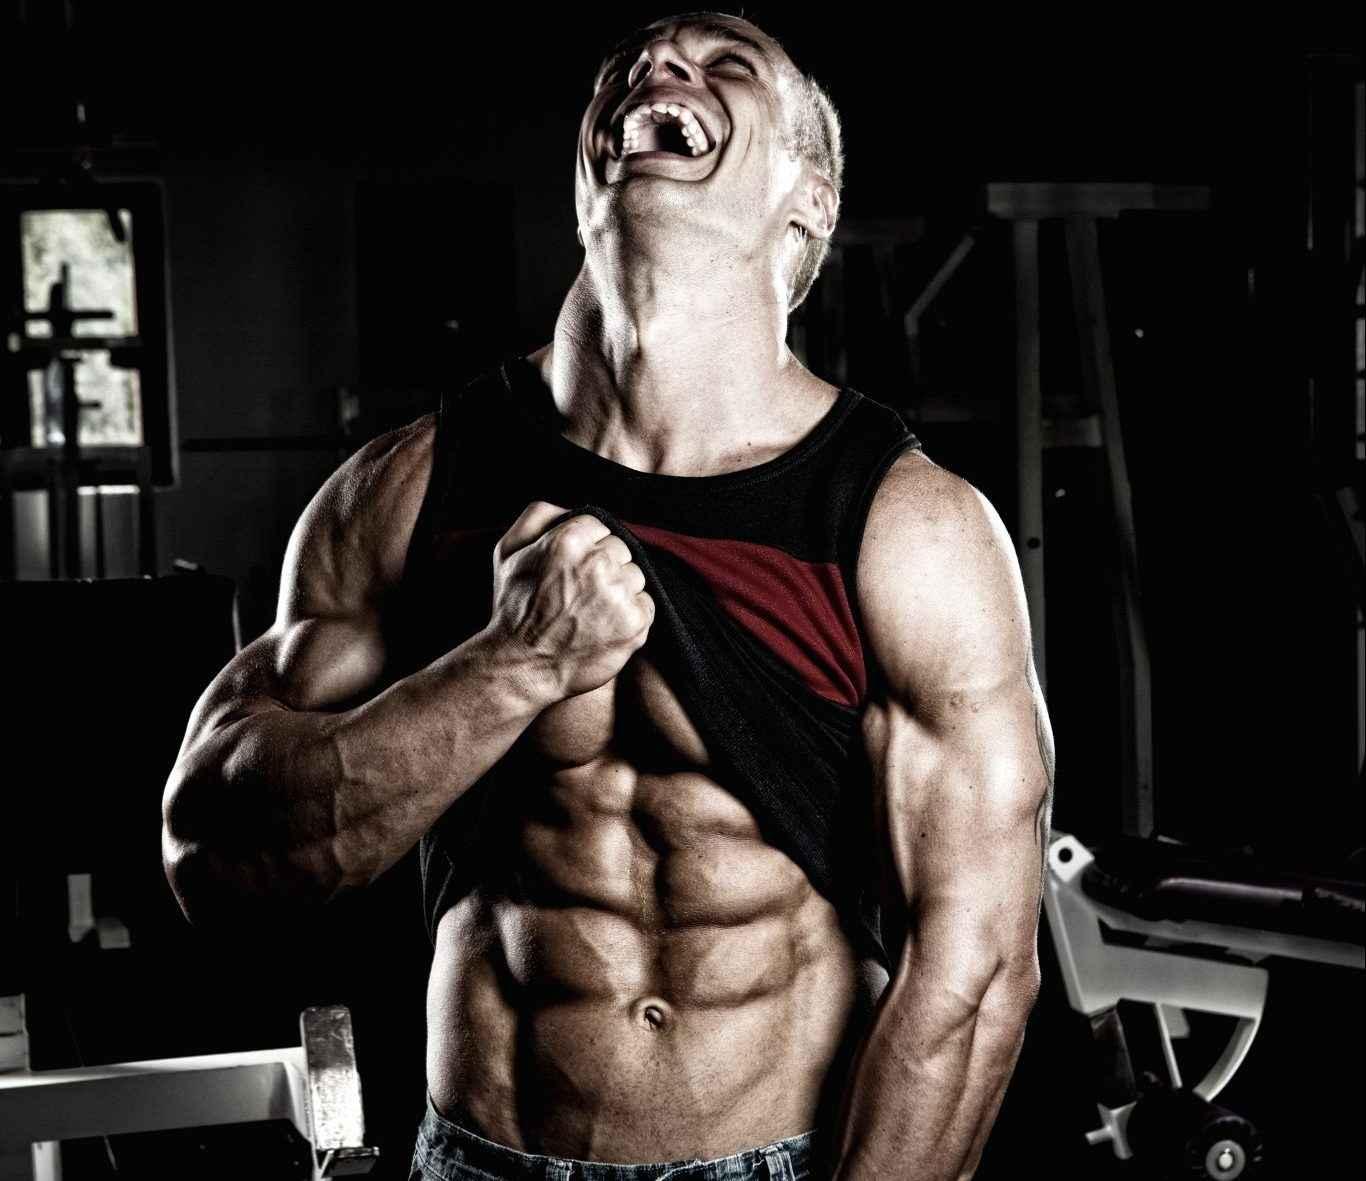 Cuatro ejercicios para definir los abdominales (Parte 2)